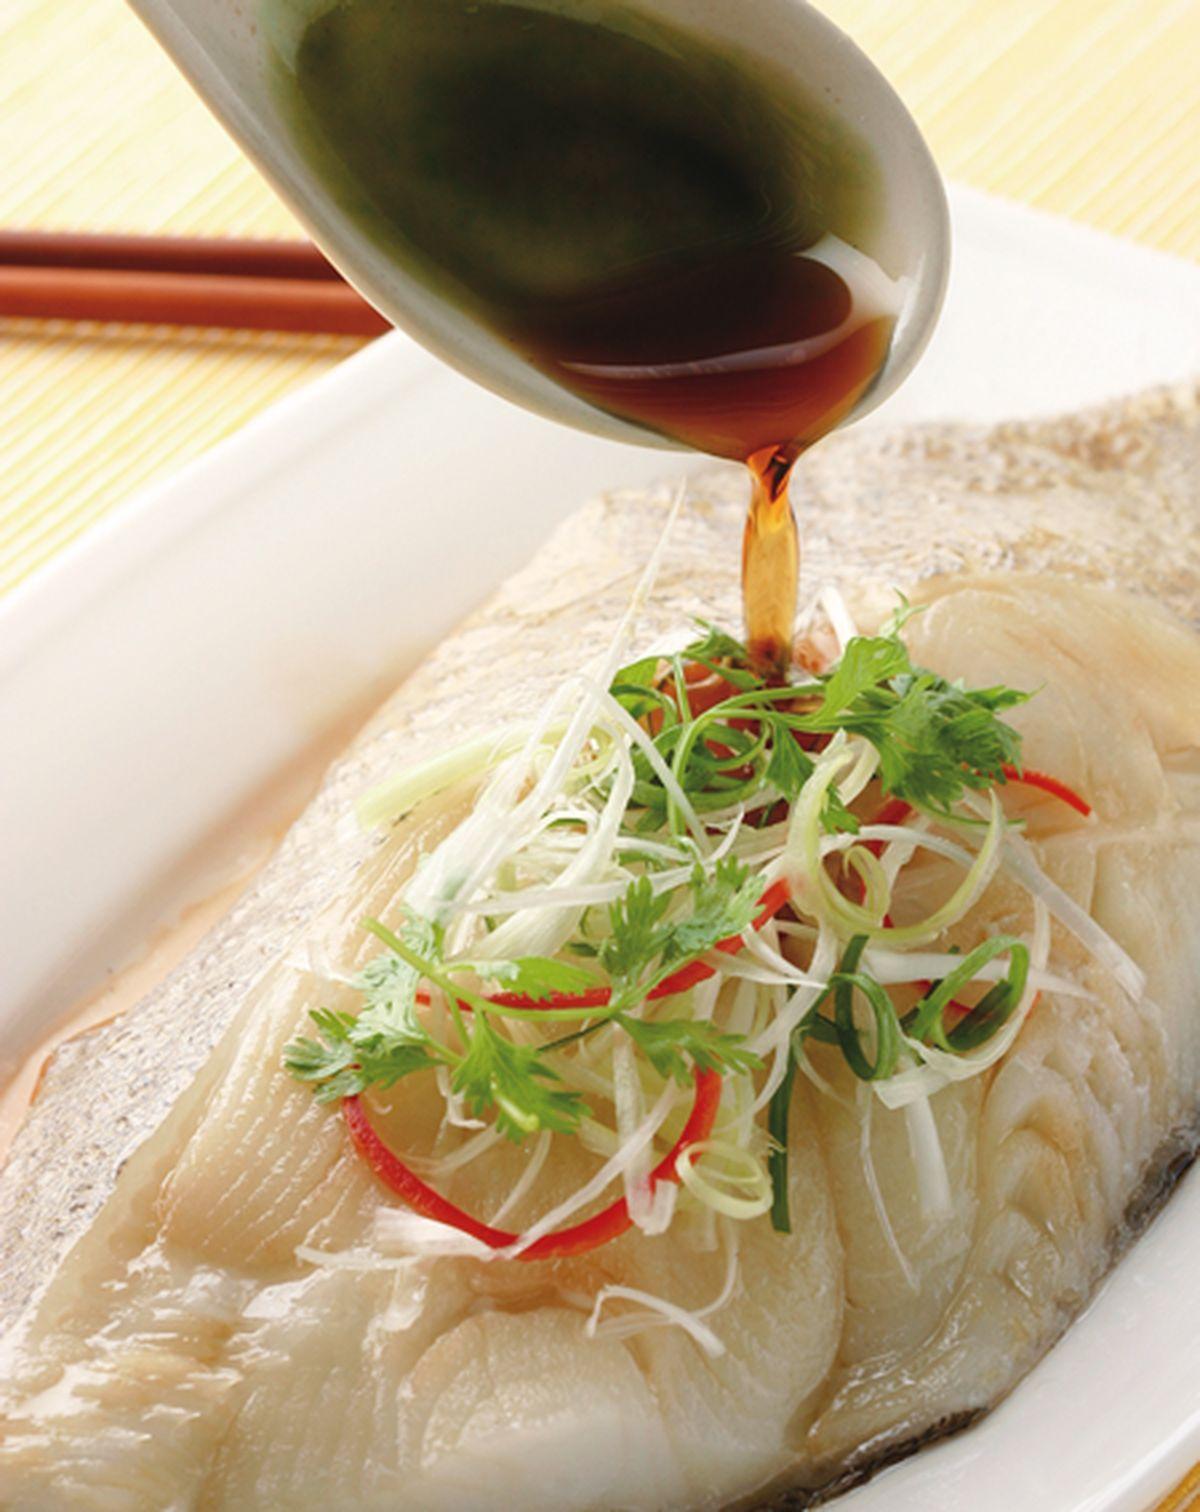 【食譜】清蒸鱈魚(3):www.ytower.com.tw